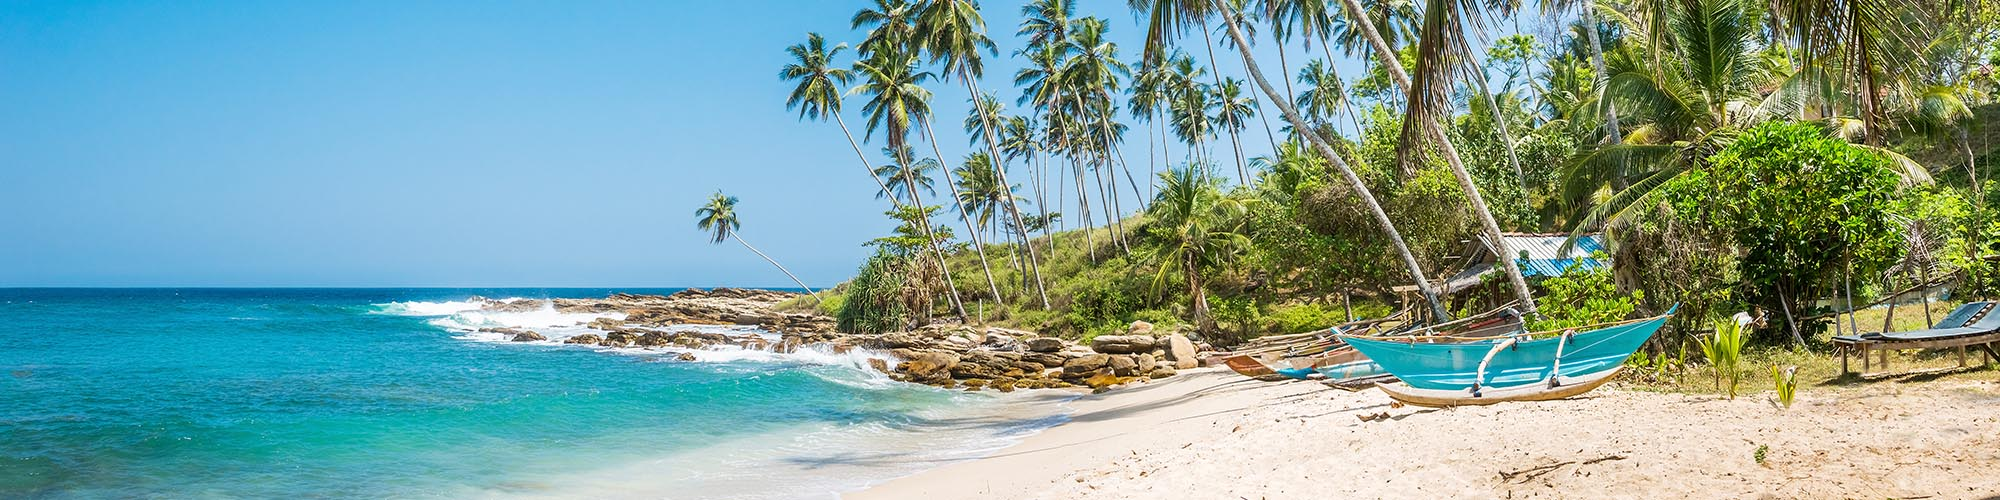 Plage, Côte Sud, Sri Lanka